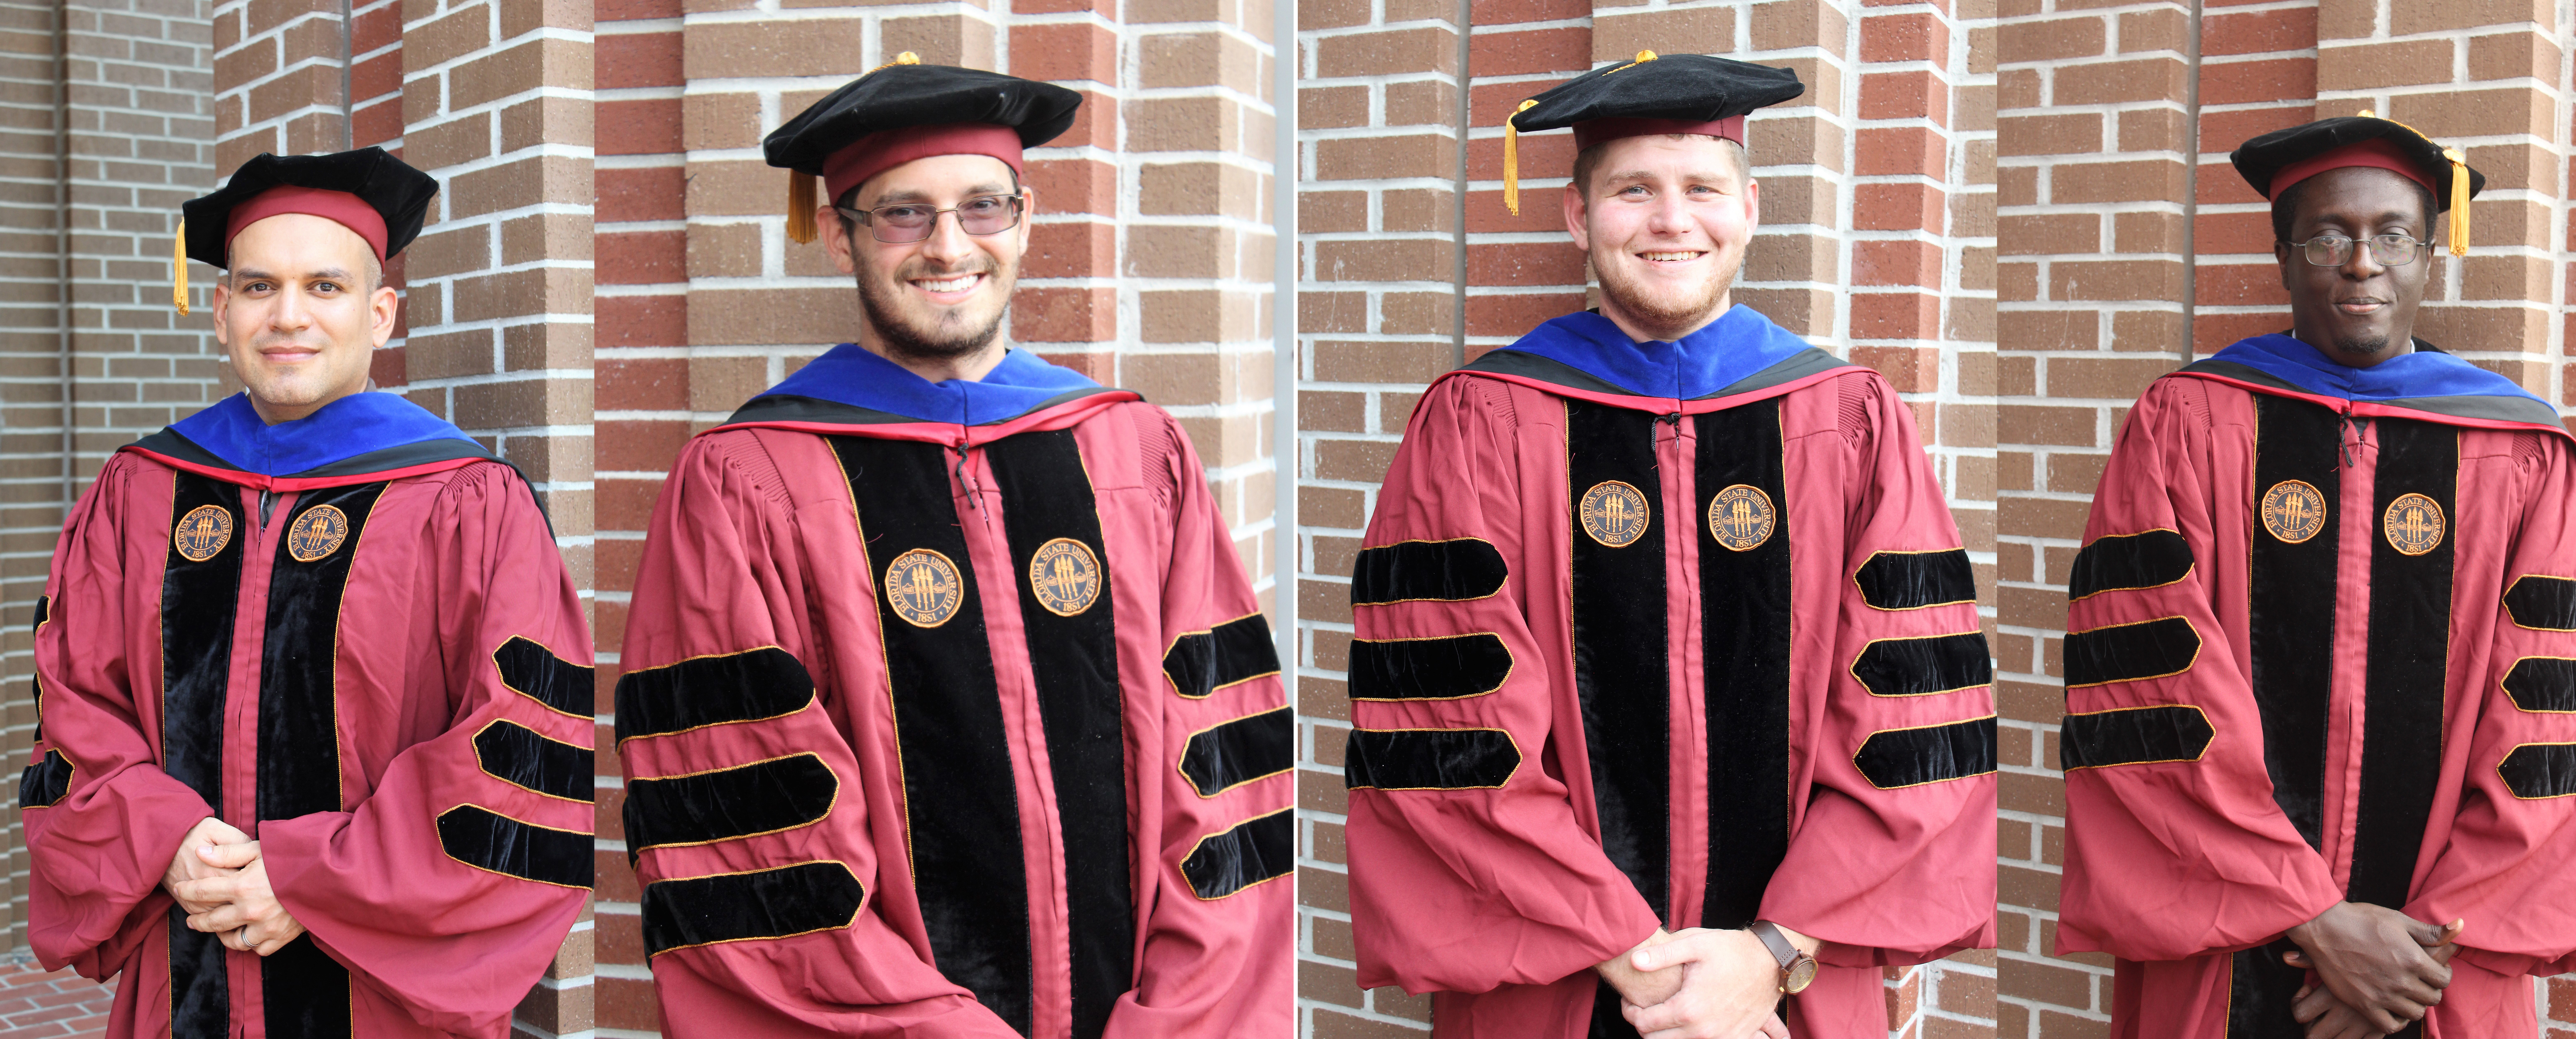 Congratulations to the graduating CAPS Ph D Students